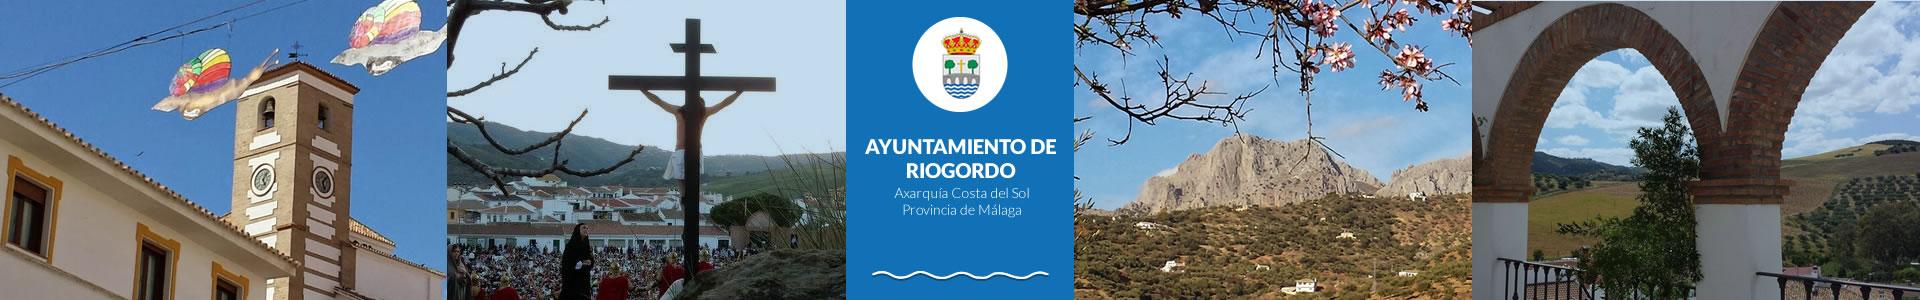 Bienvenidos a la web de Ayuntamiento de Riogordo